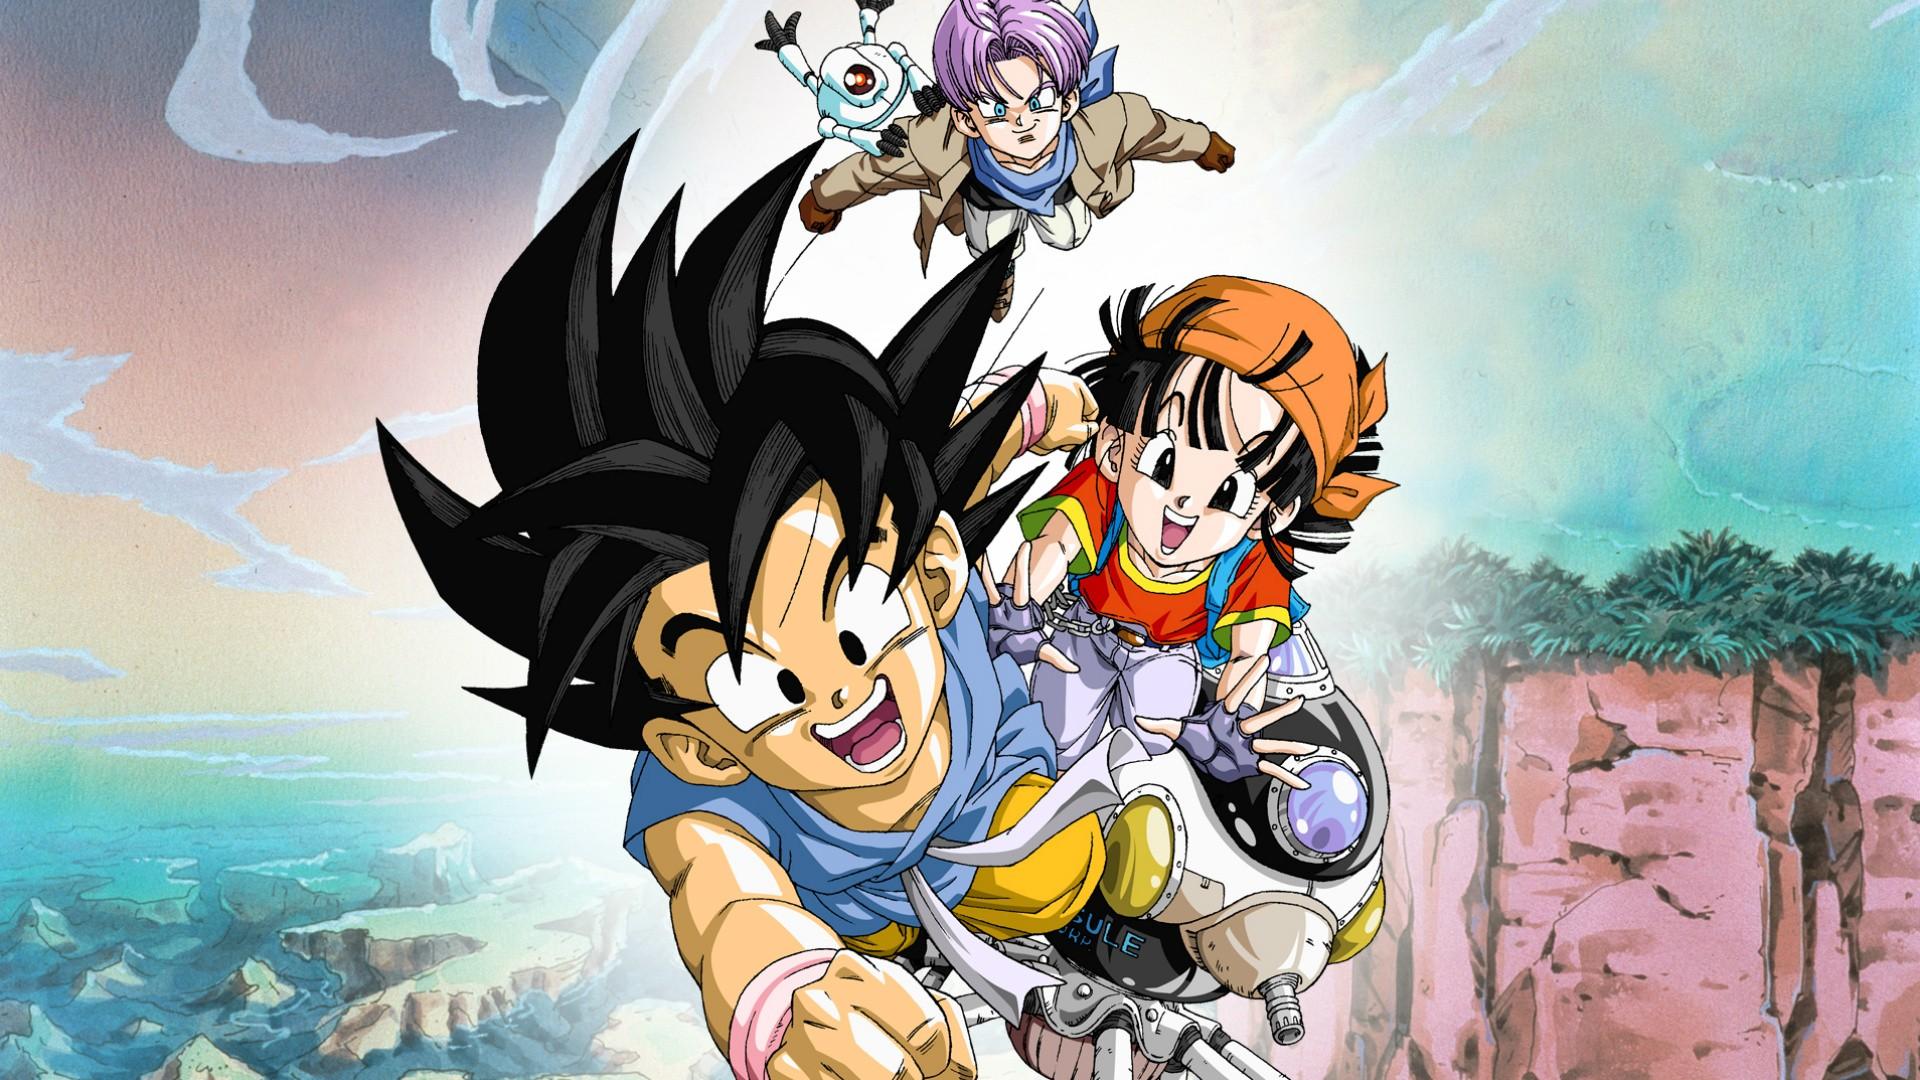 El anime Dragon Ball GT cumple 25 años